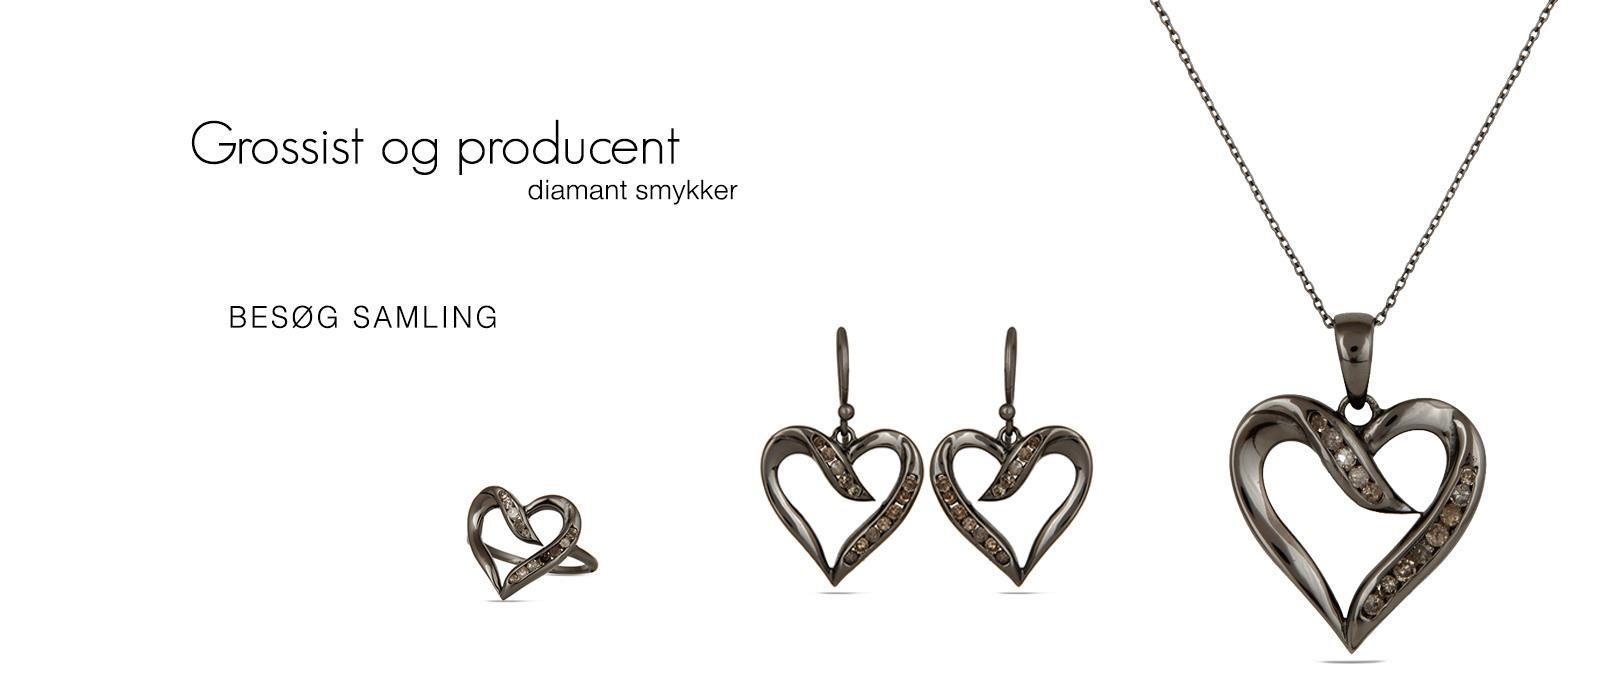 Smykker producent